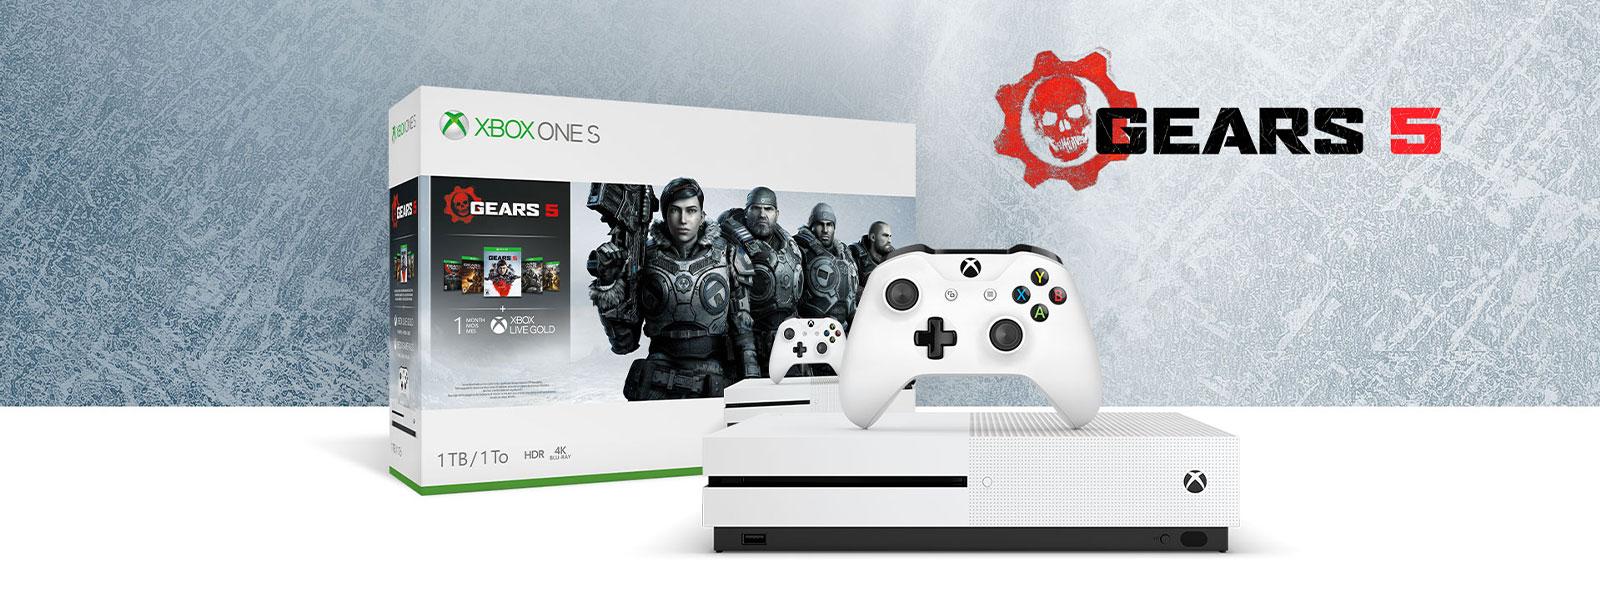 Πακέτο Xbox One S Gears 5 μπροστά από υφή πάγου